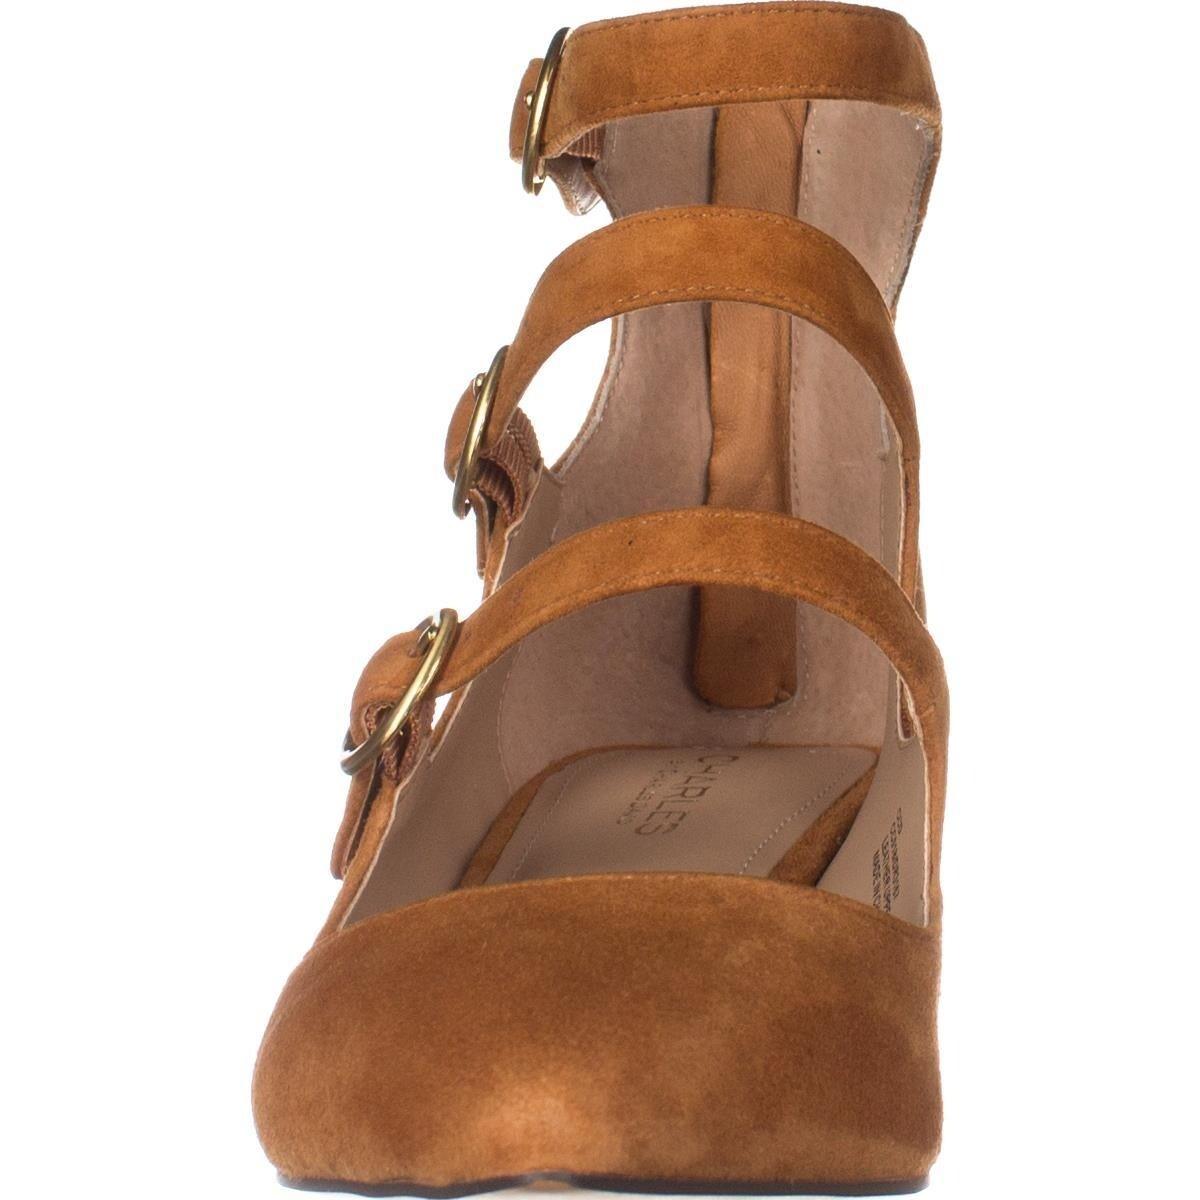 865ac1638af Shop Charles Charles David Wonder Mary Jane Block Heels